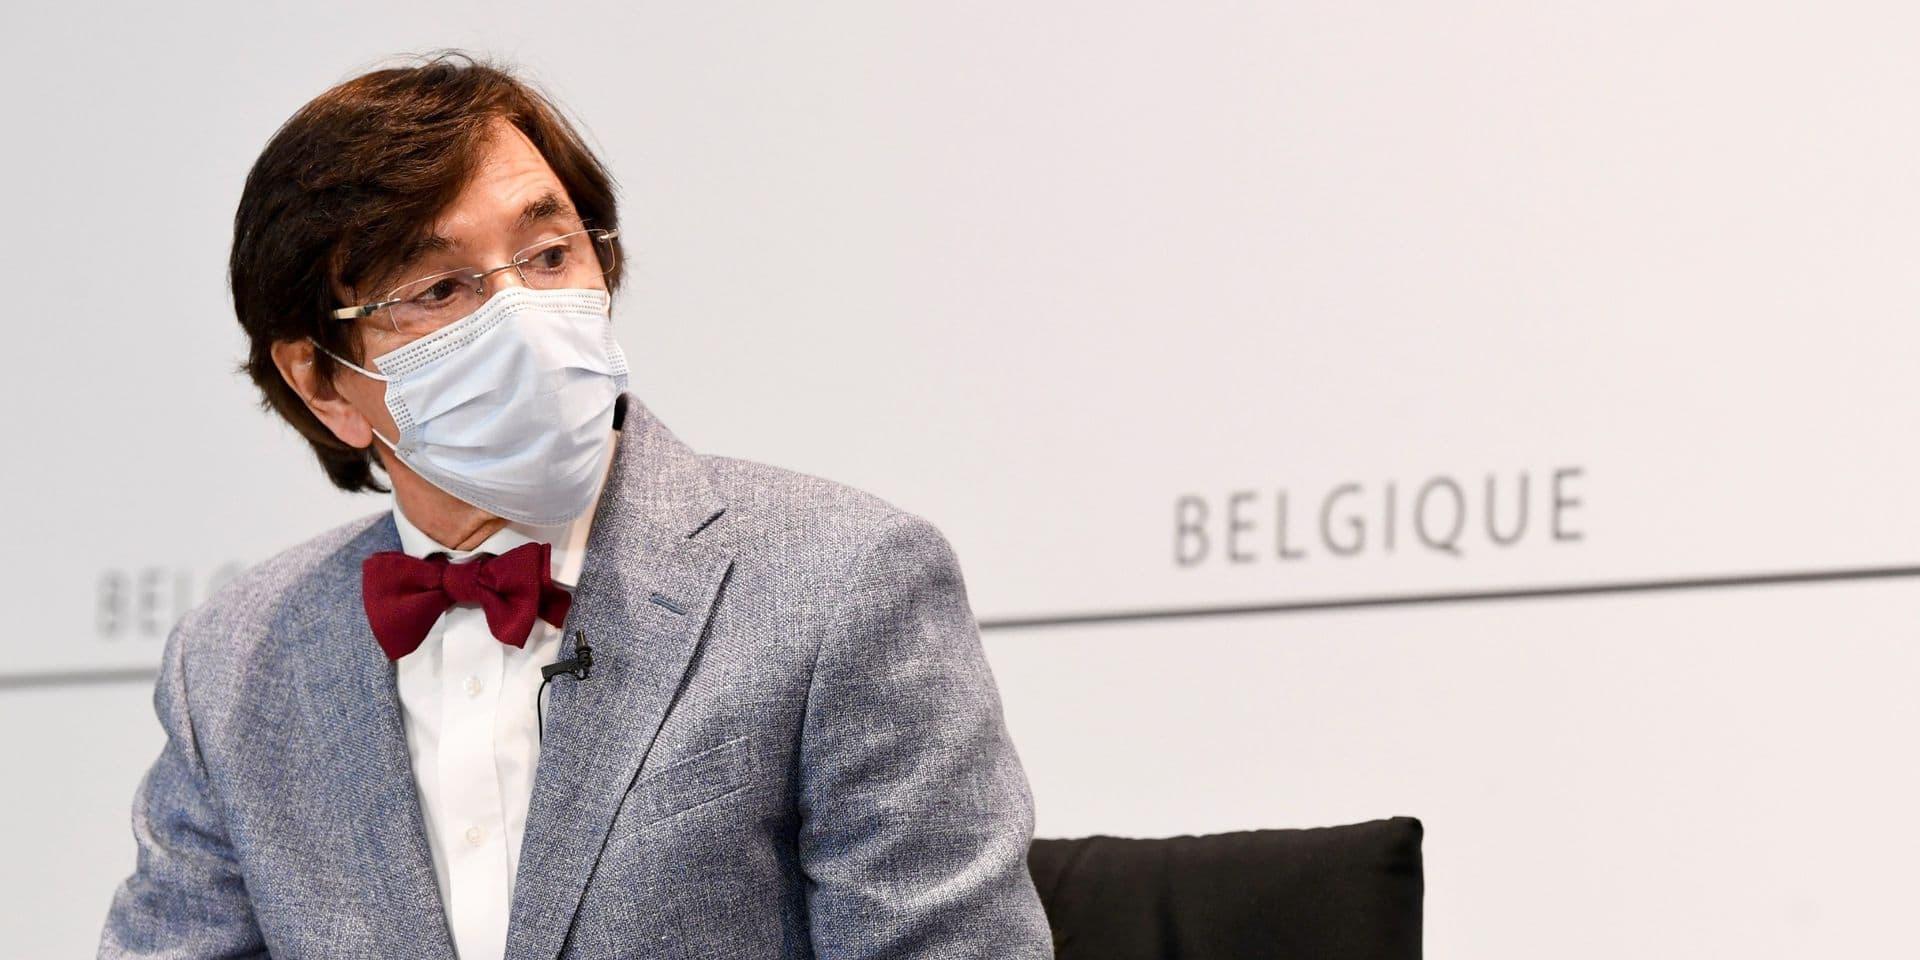 """Di Rupo: """"Tant que tout le monde n'a pas été invité à se faire vacciner, un coronapass constituerait une profonde injustice"""""""